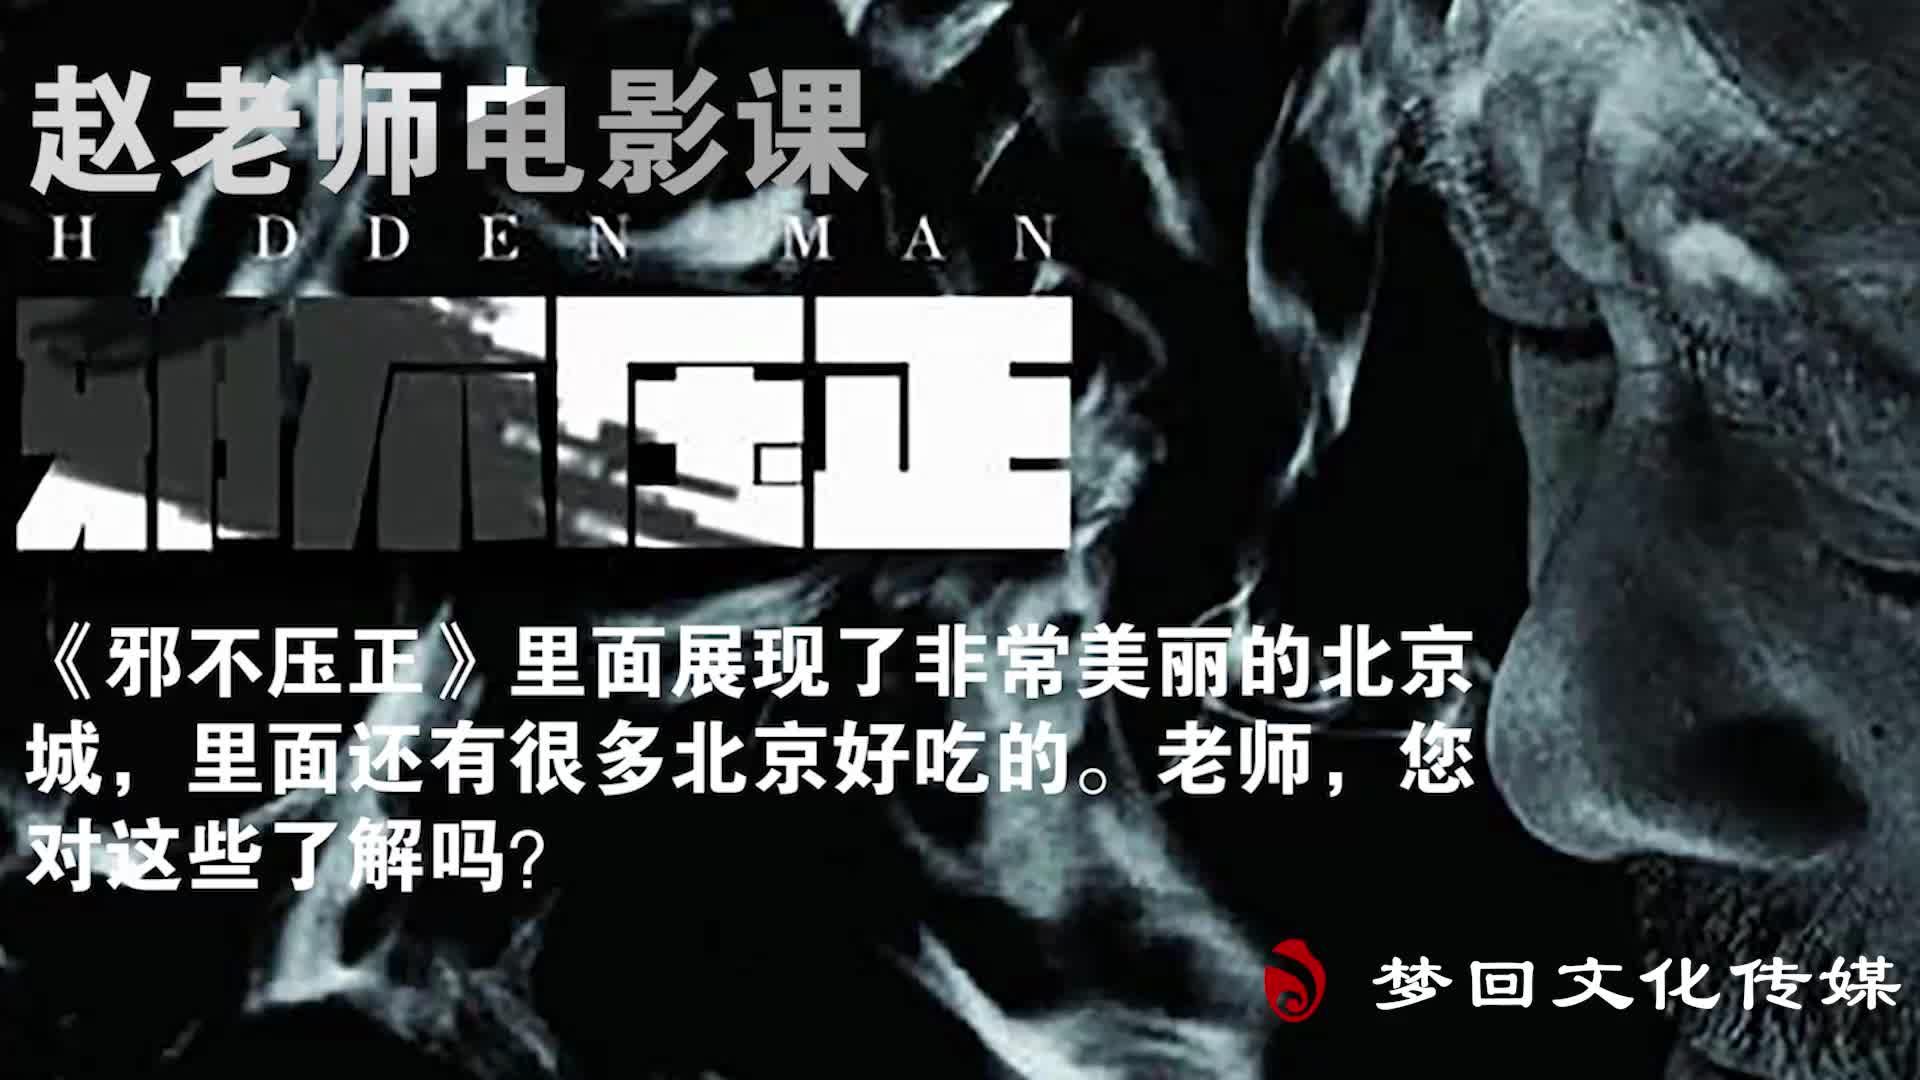 【赵老师的电影课】邪不压正(三)